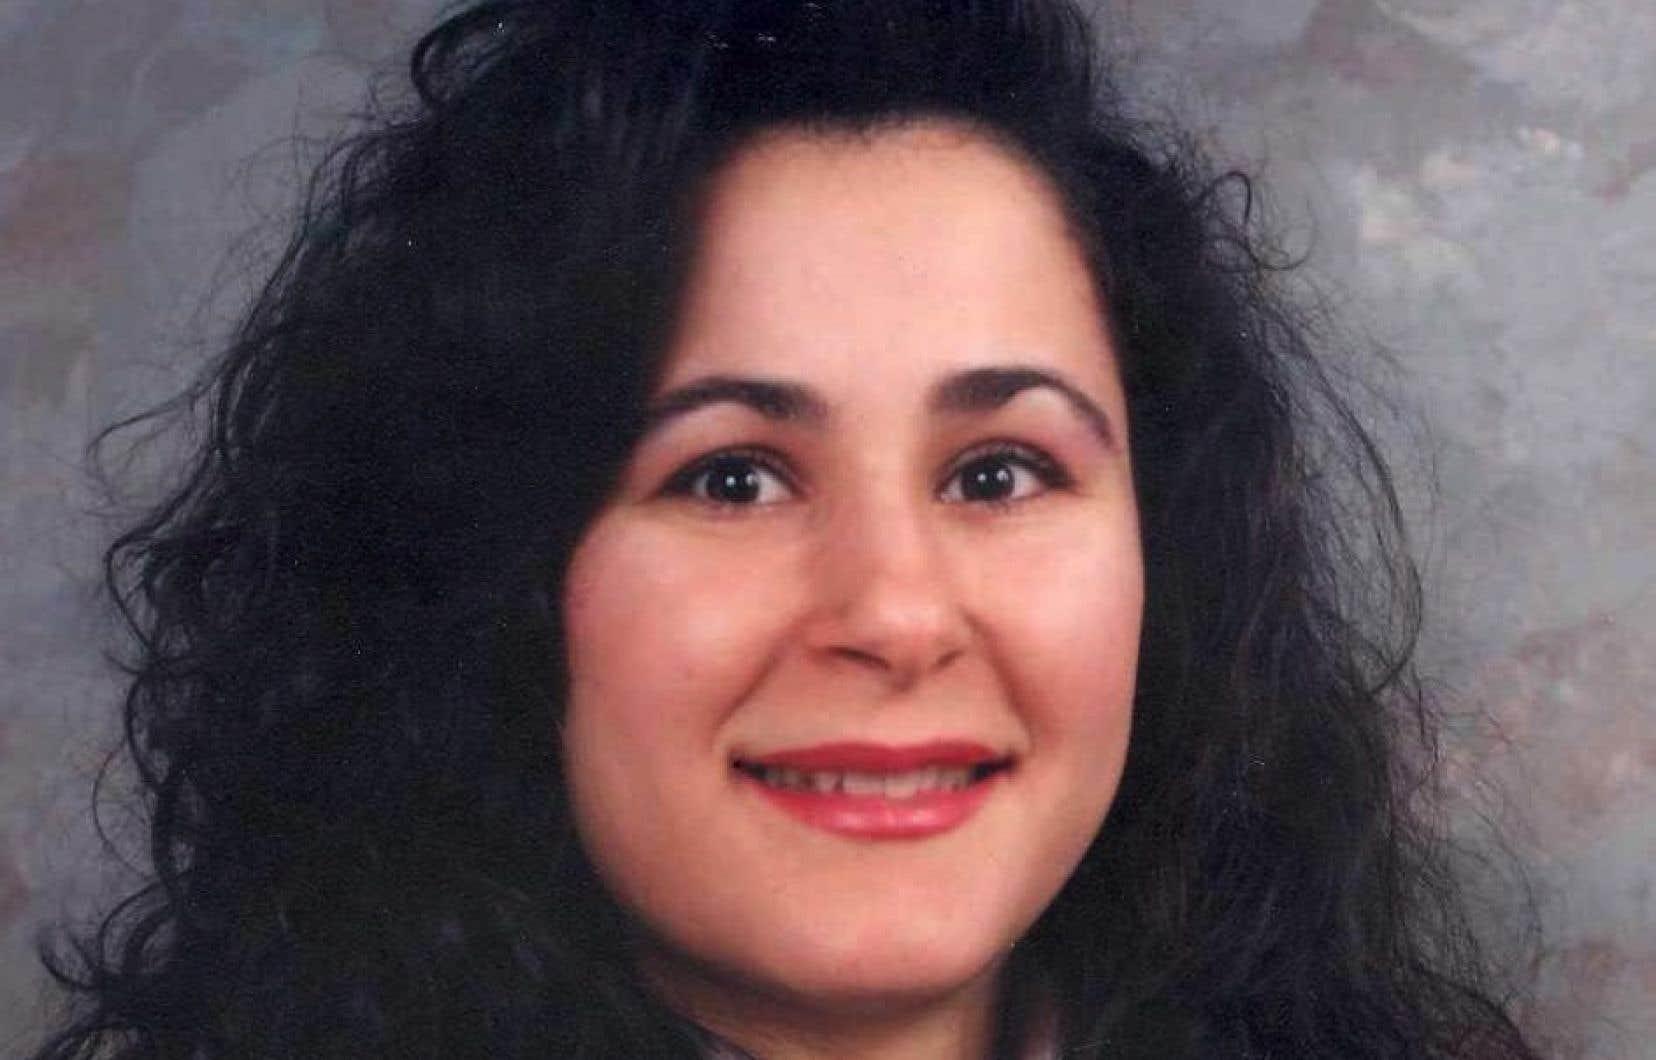 <p>Au cours de son procès, Adèle Sorella a déclaré n'avoir que peu de souvenirs du jour où ses filles ont été retrouvées mortes.</p>